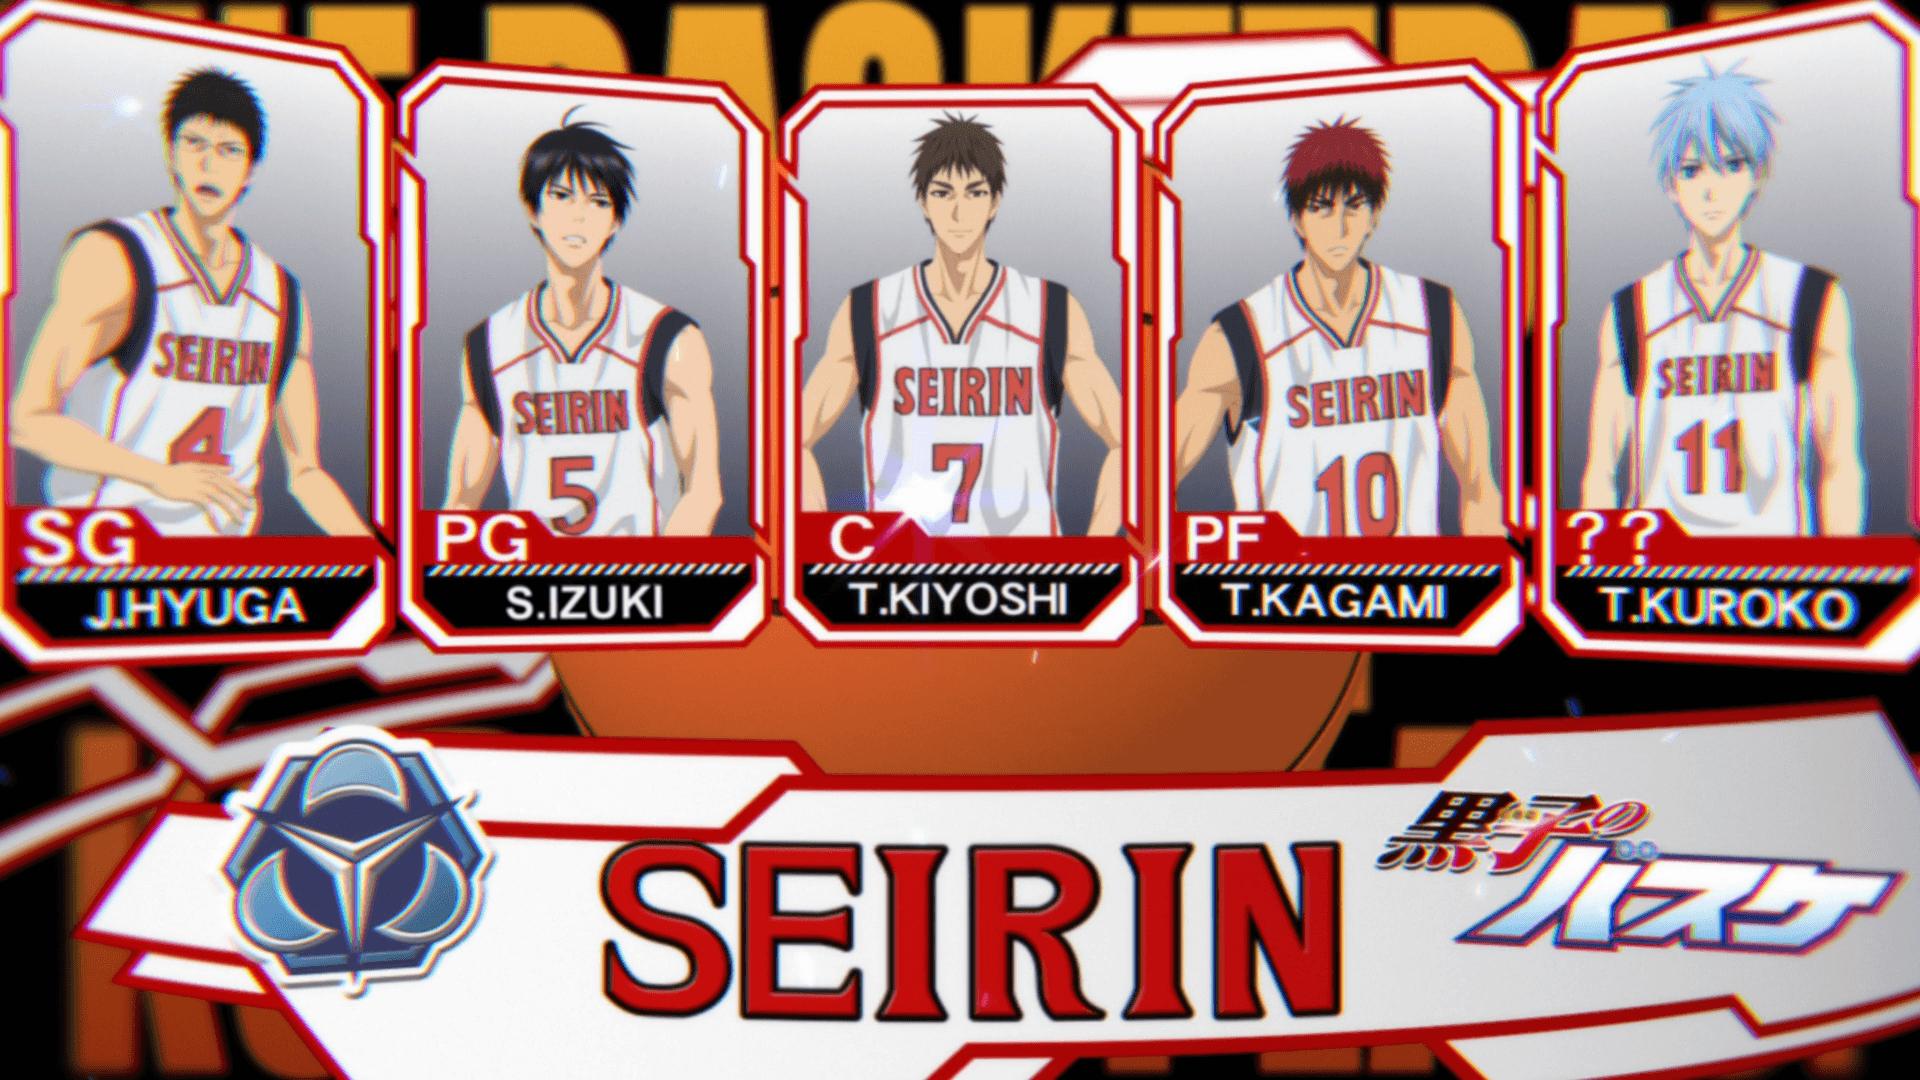 kurokos-basketball-51-bd-1080p-c60090a2_001_19974